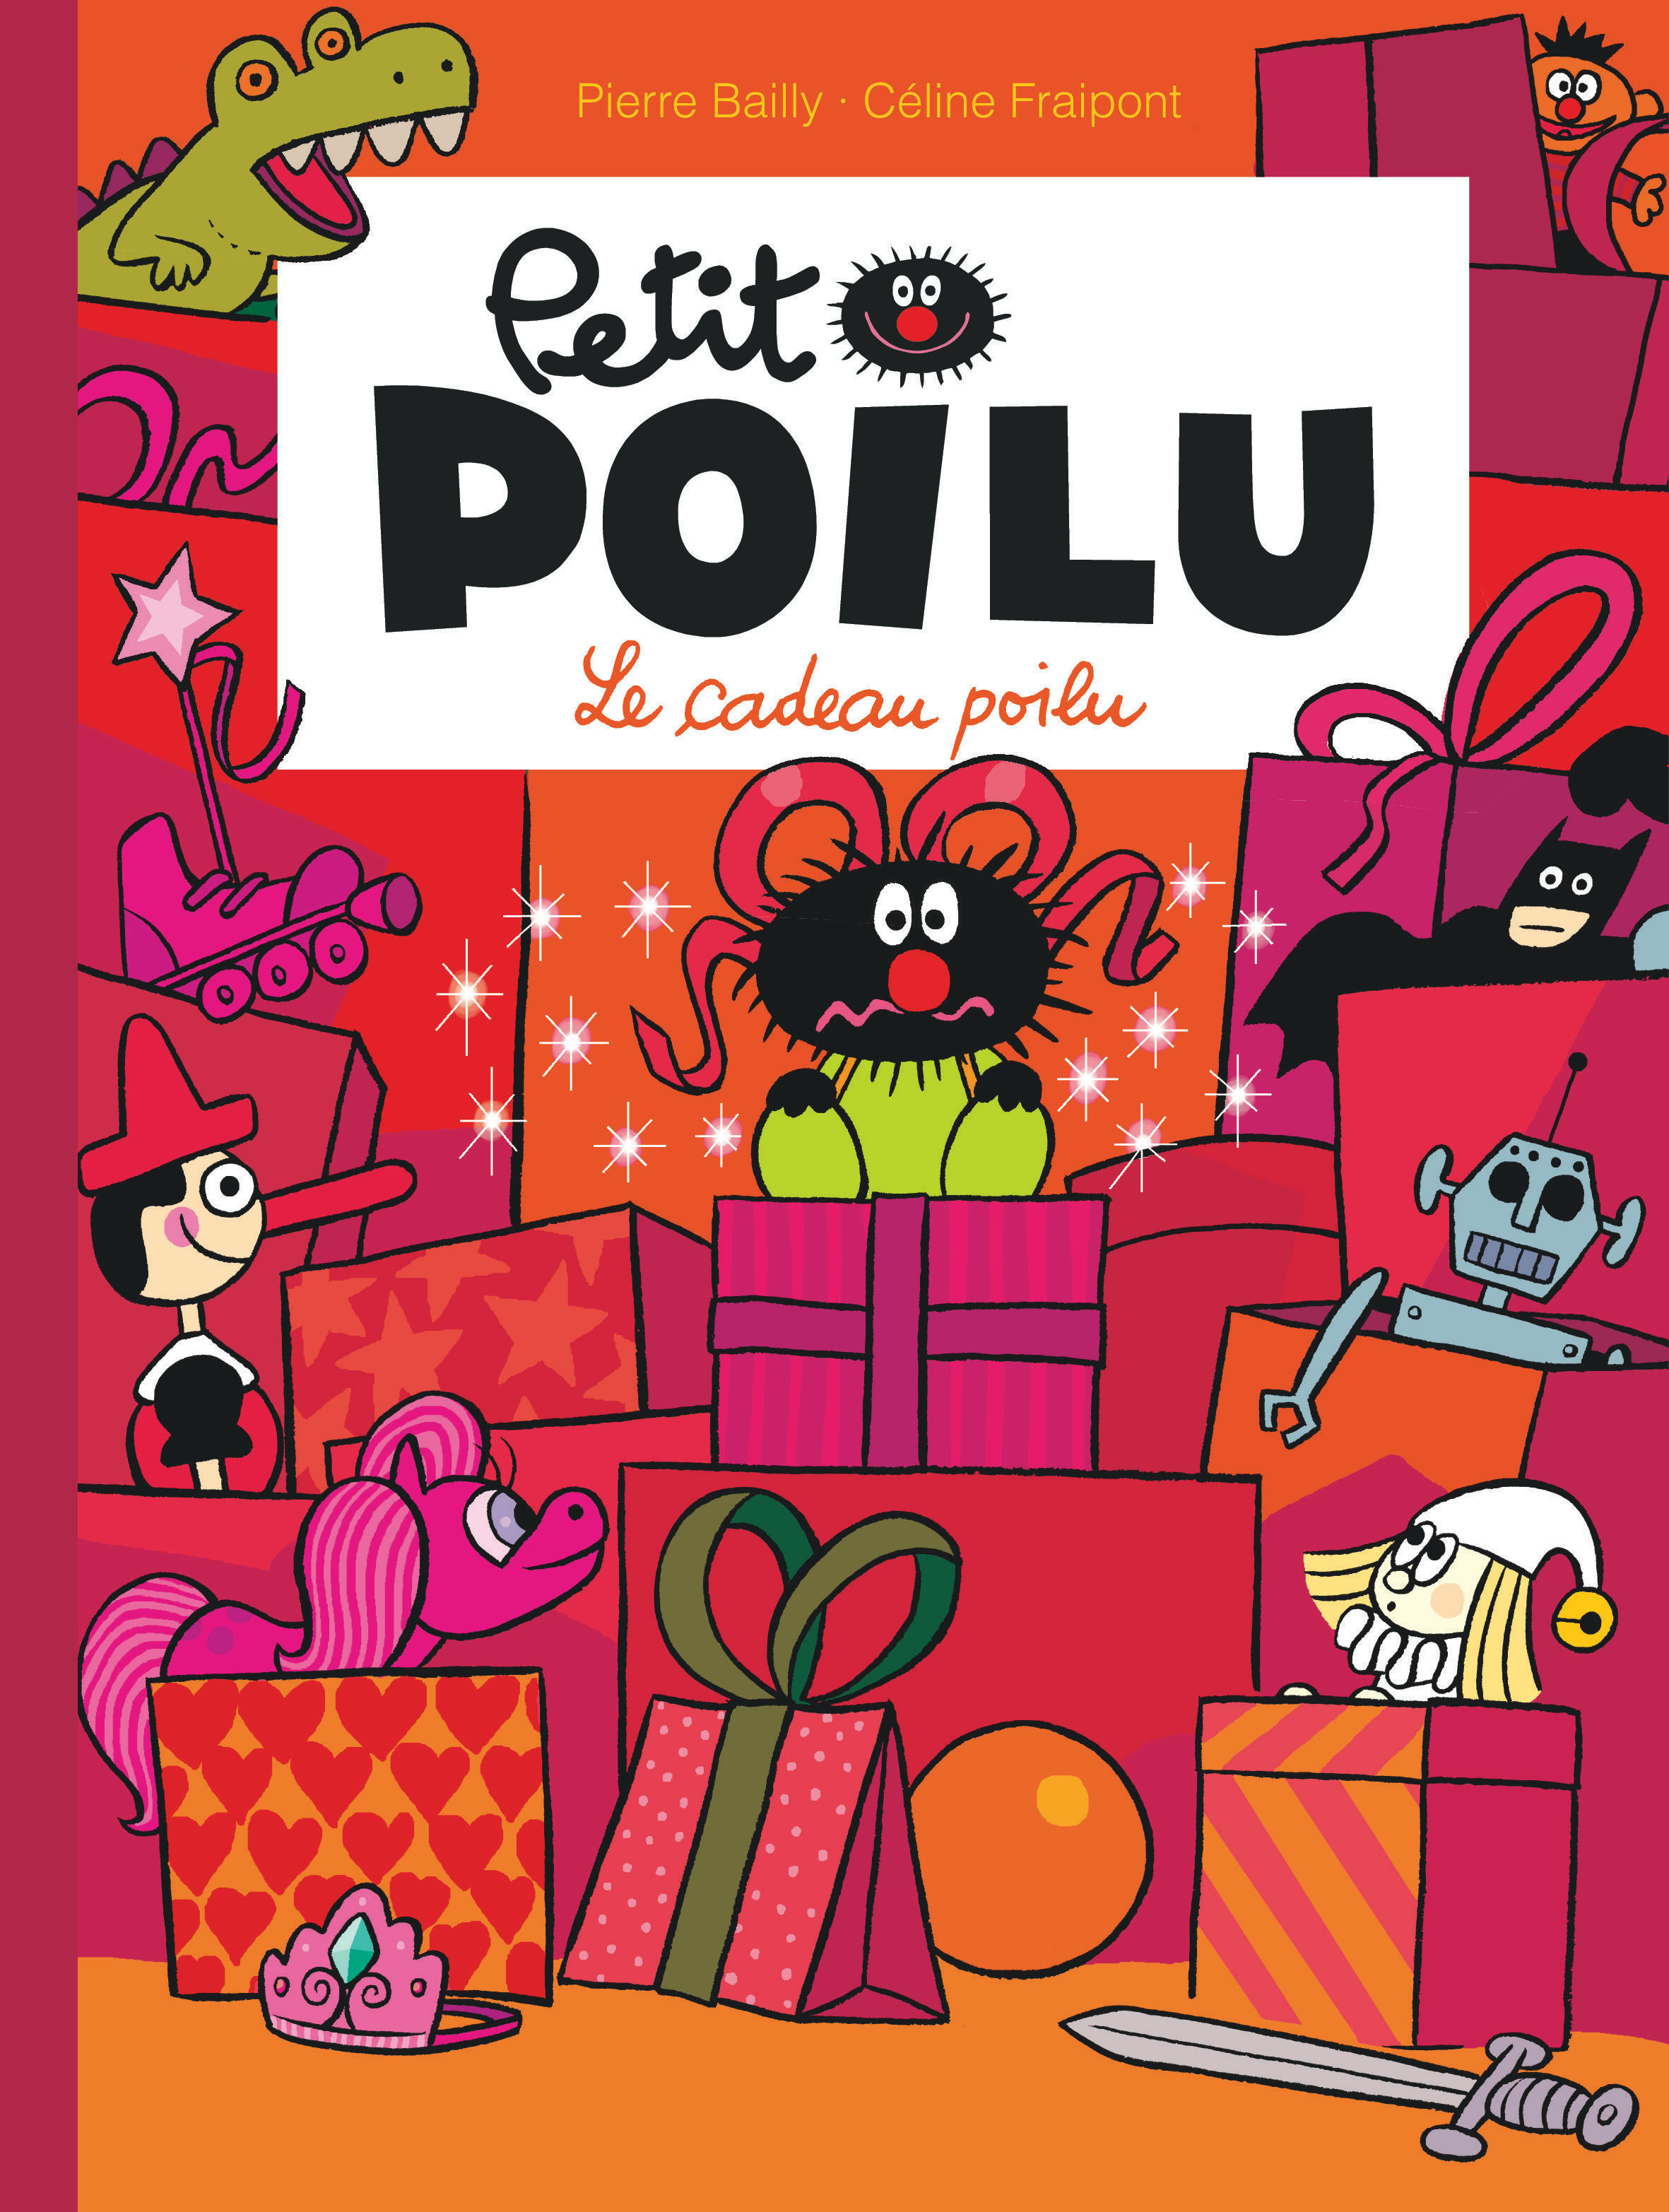 PETIT POILU - TOME 6 - LE CADEAU POILU NOUVELLE MAQUETTE